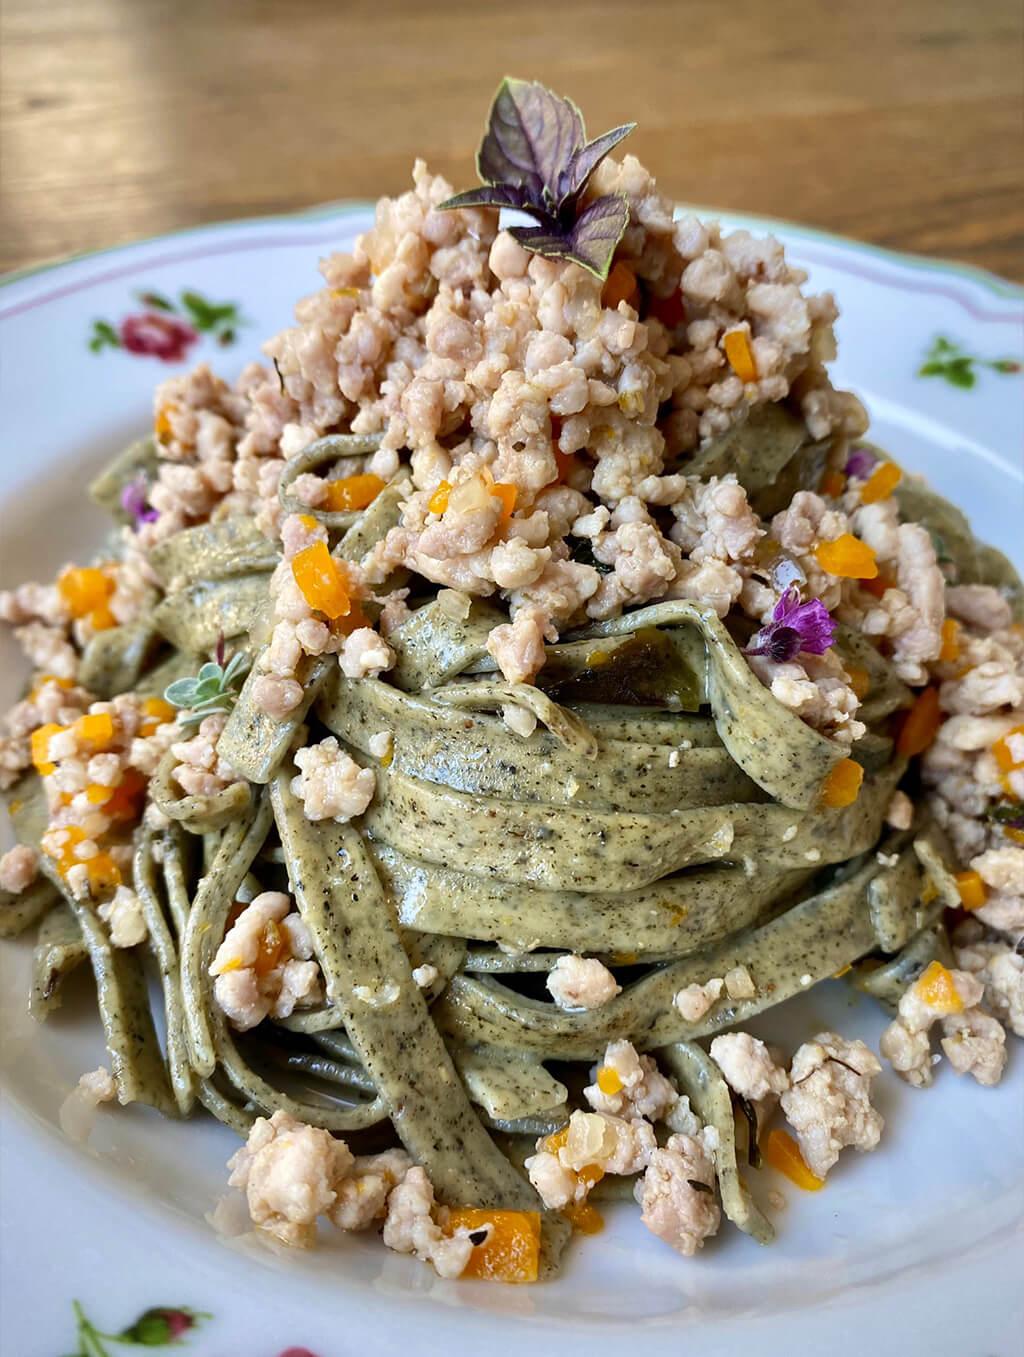 Fettuccine alle ortiche con ragù bianco di coniglio alla Nas-cetta ricetta leggera saporelite Marta Paoletti